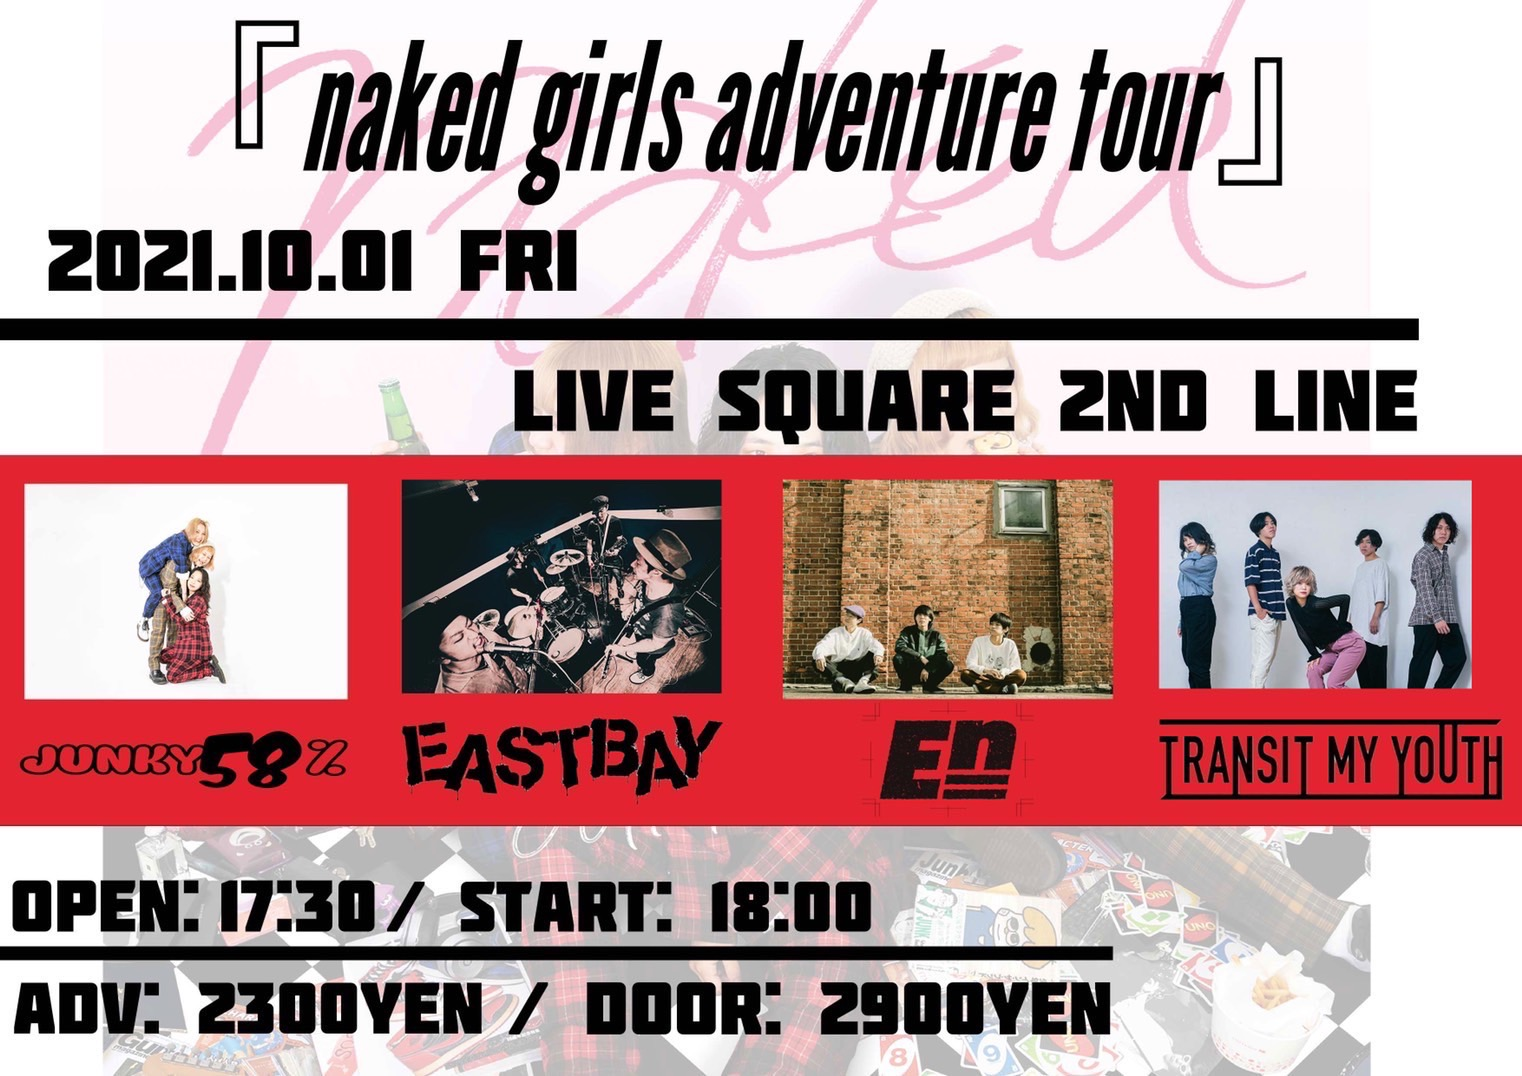 ジャンキー58% pre.「naked girls adventure tour」大阪編の写真